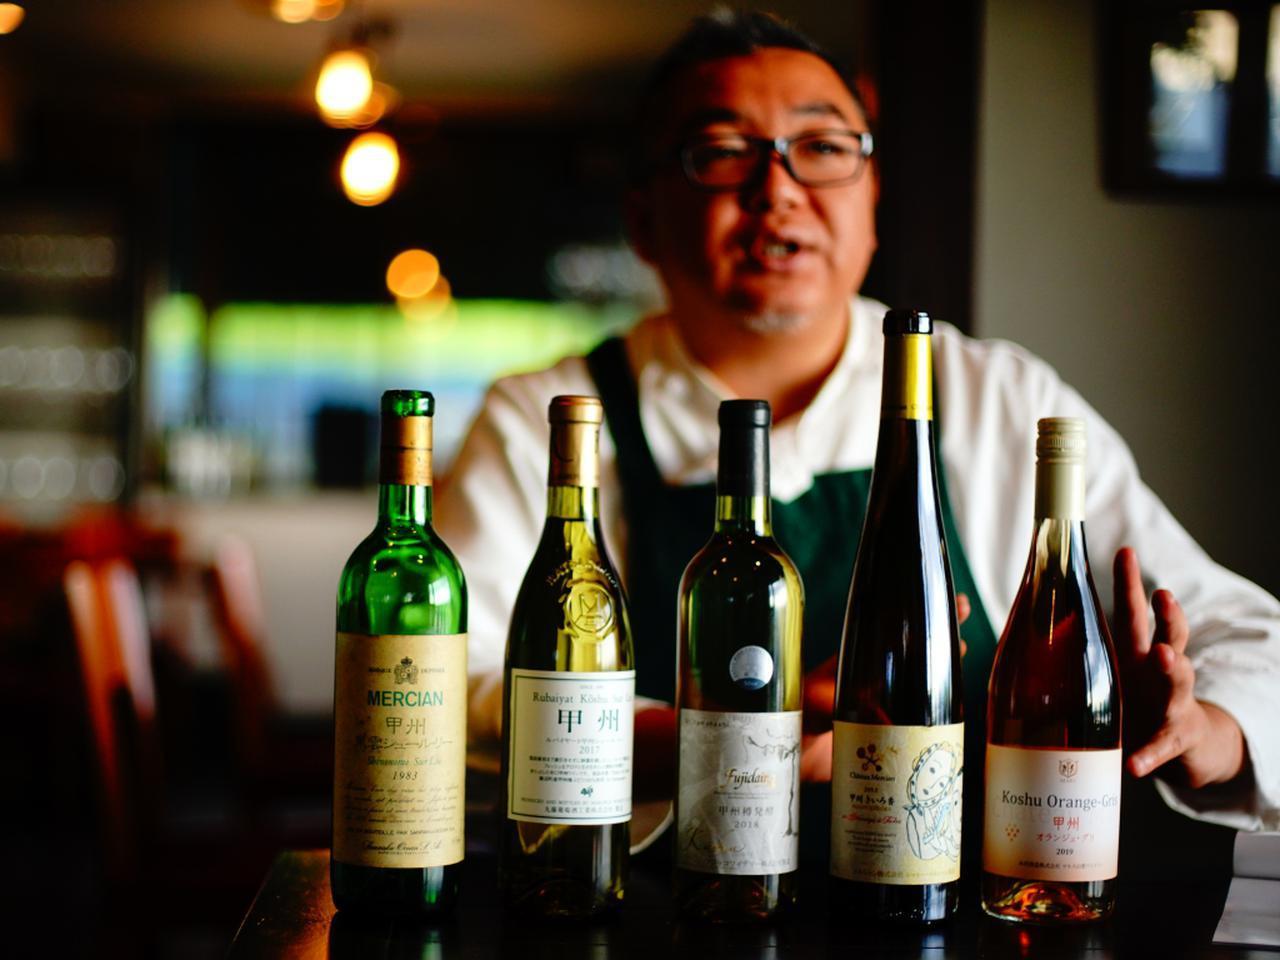 画像: ソムリエ・坂口健さん。マネージャーを務めるイタリアン「パパソロッテ」は、県外のファンも多く、ゴルフ場帰りに寄る客も多いそう。